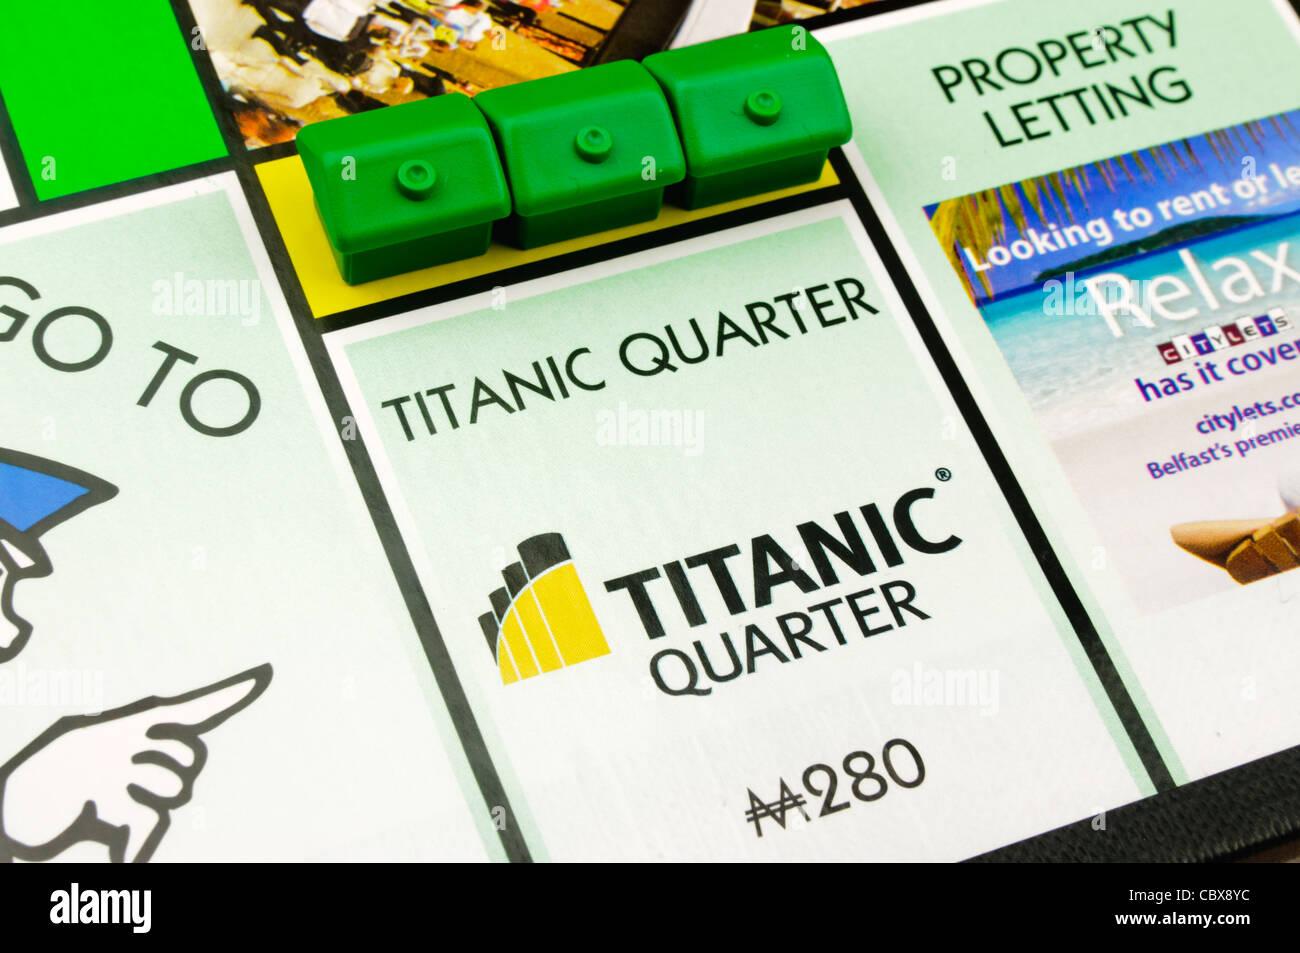 Belfast-Monopol: Bau von Häusern auf Titanic Quarter Stockbild